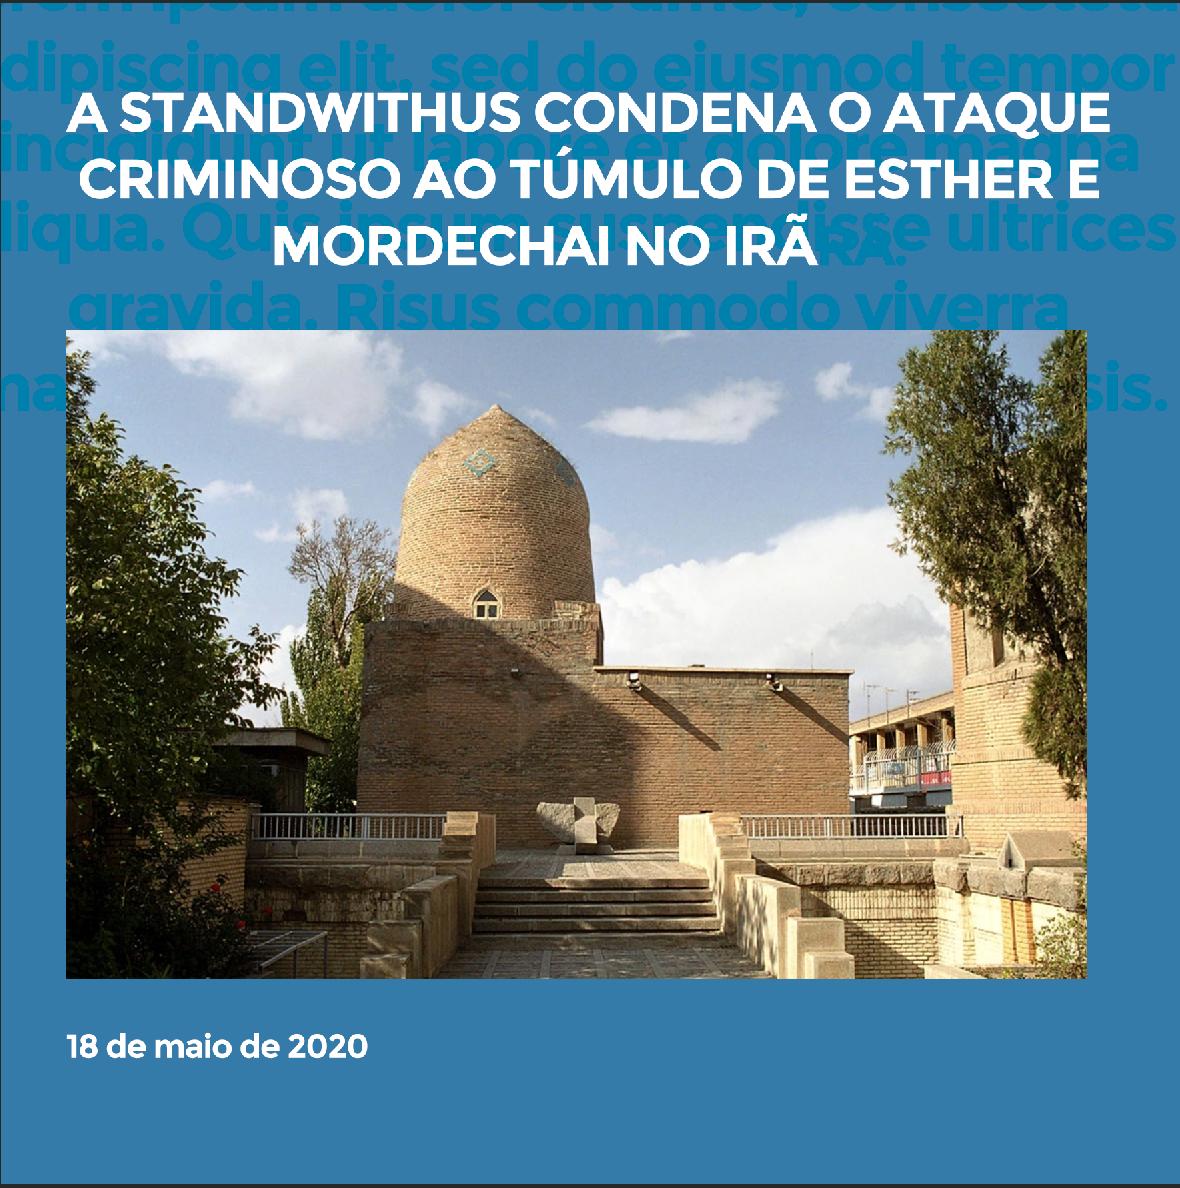 A StandWithUs condena o ataque criminoso de 15 de maio de 2020 contra o túmulo de Ester e Mordechai,